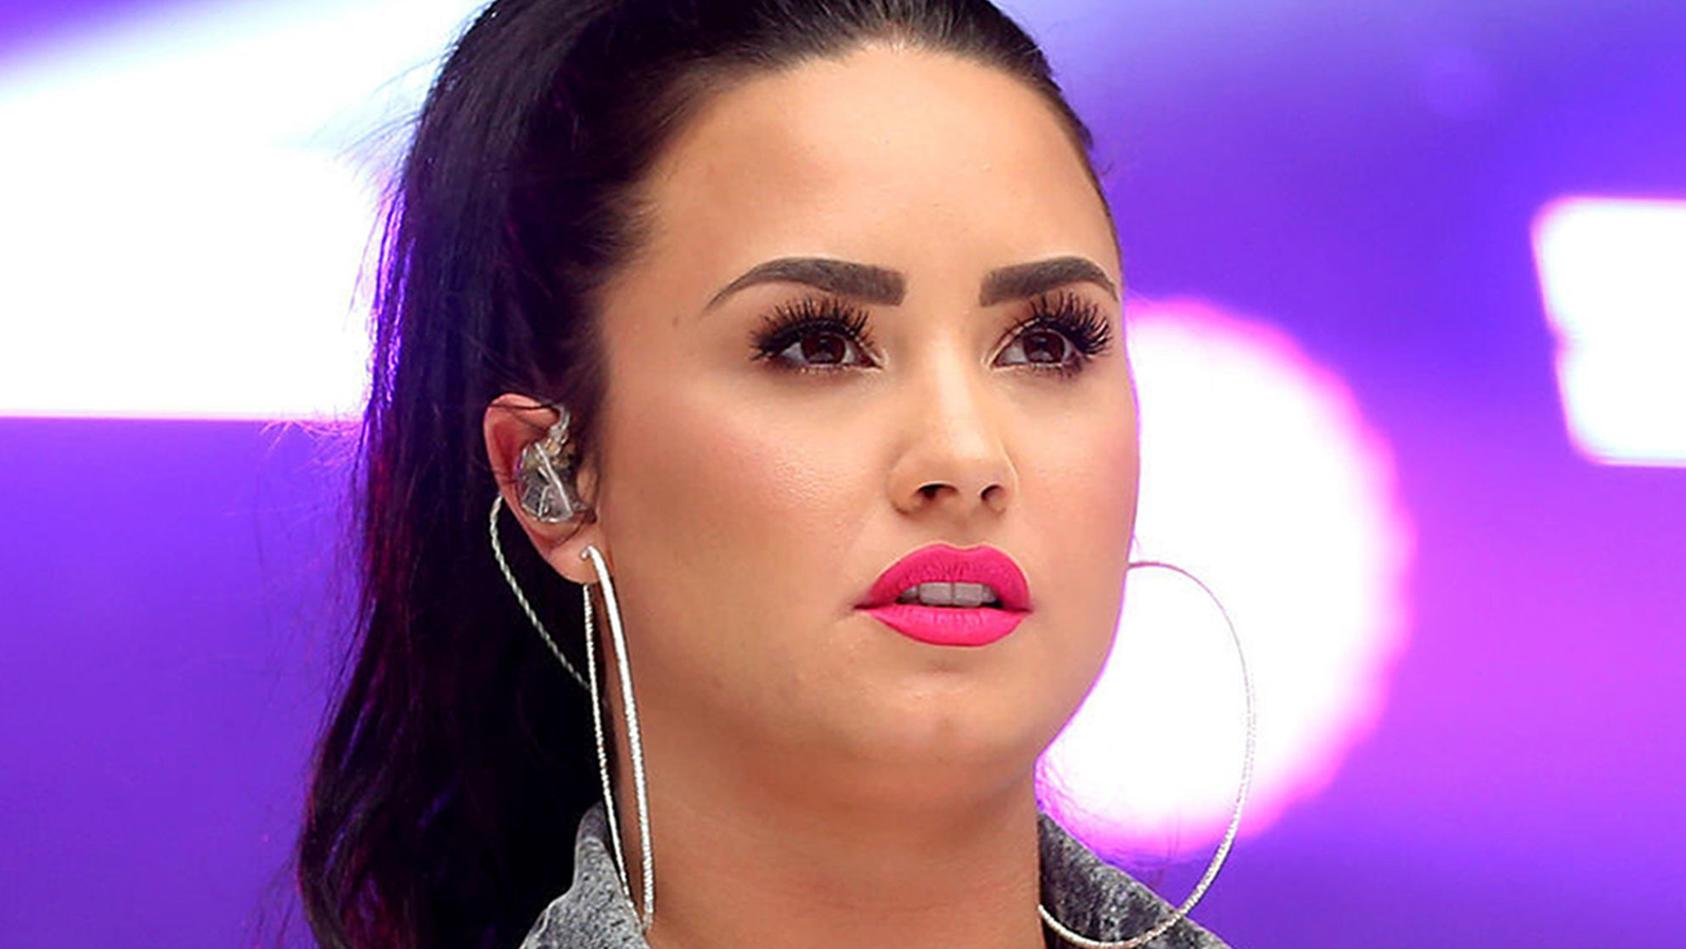 Demi Lovato erinnert auf emotionale Art und Weise an ihren Beinahe-Tod.